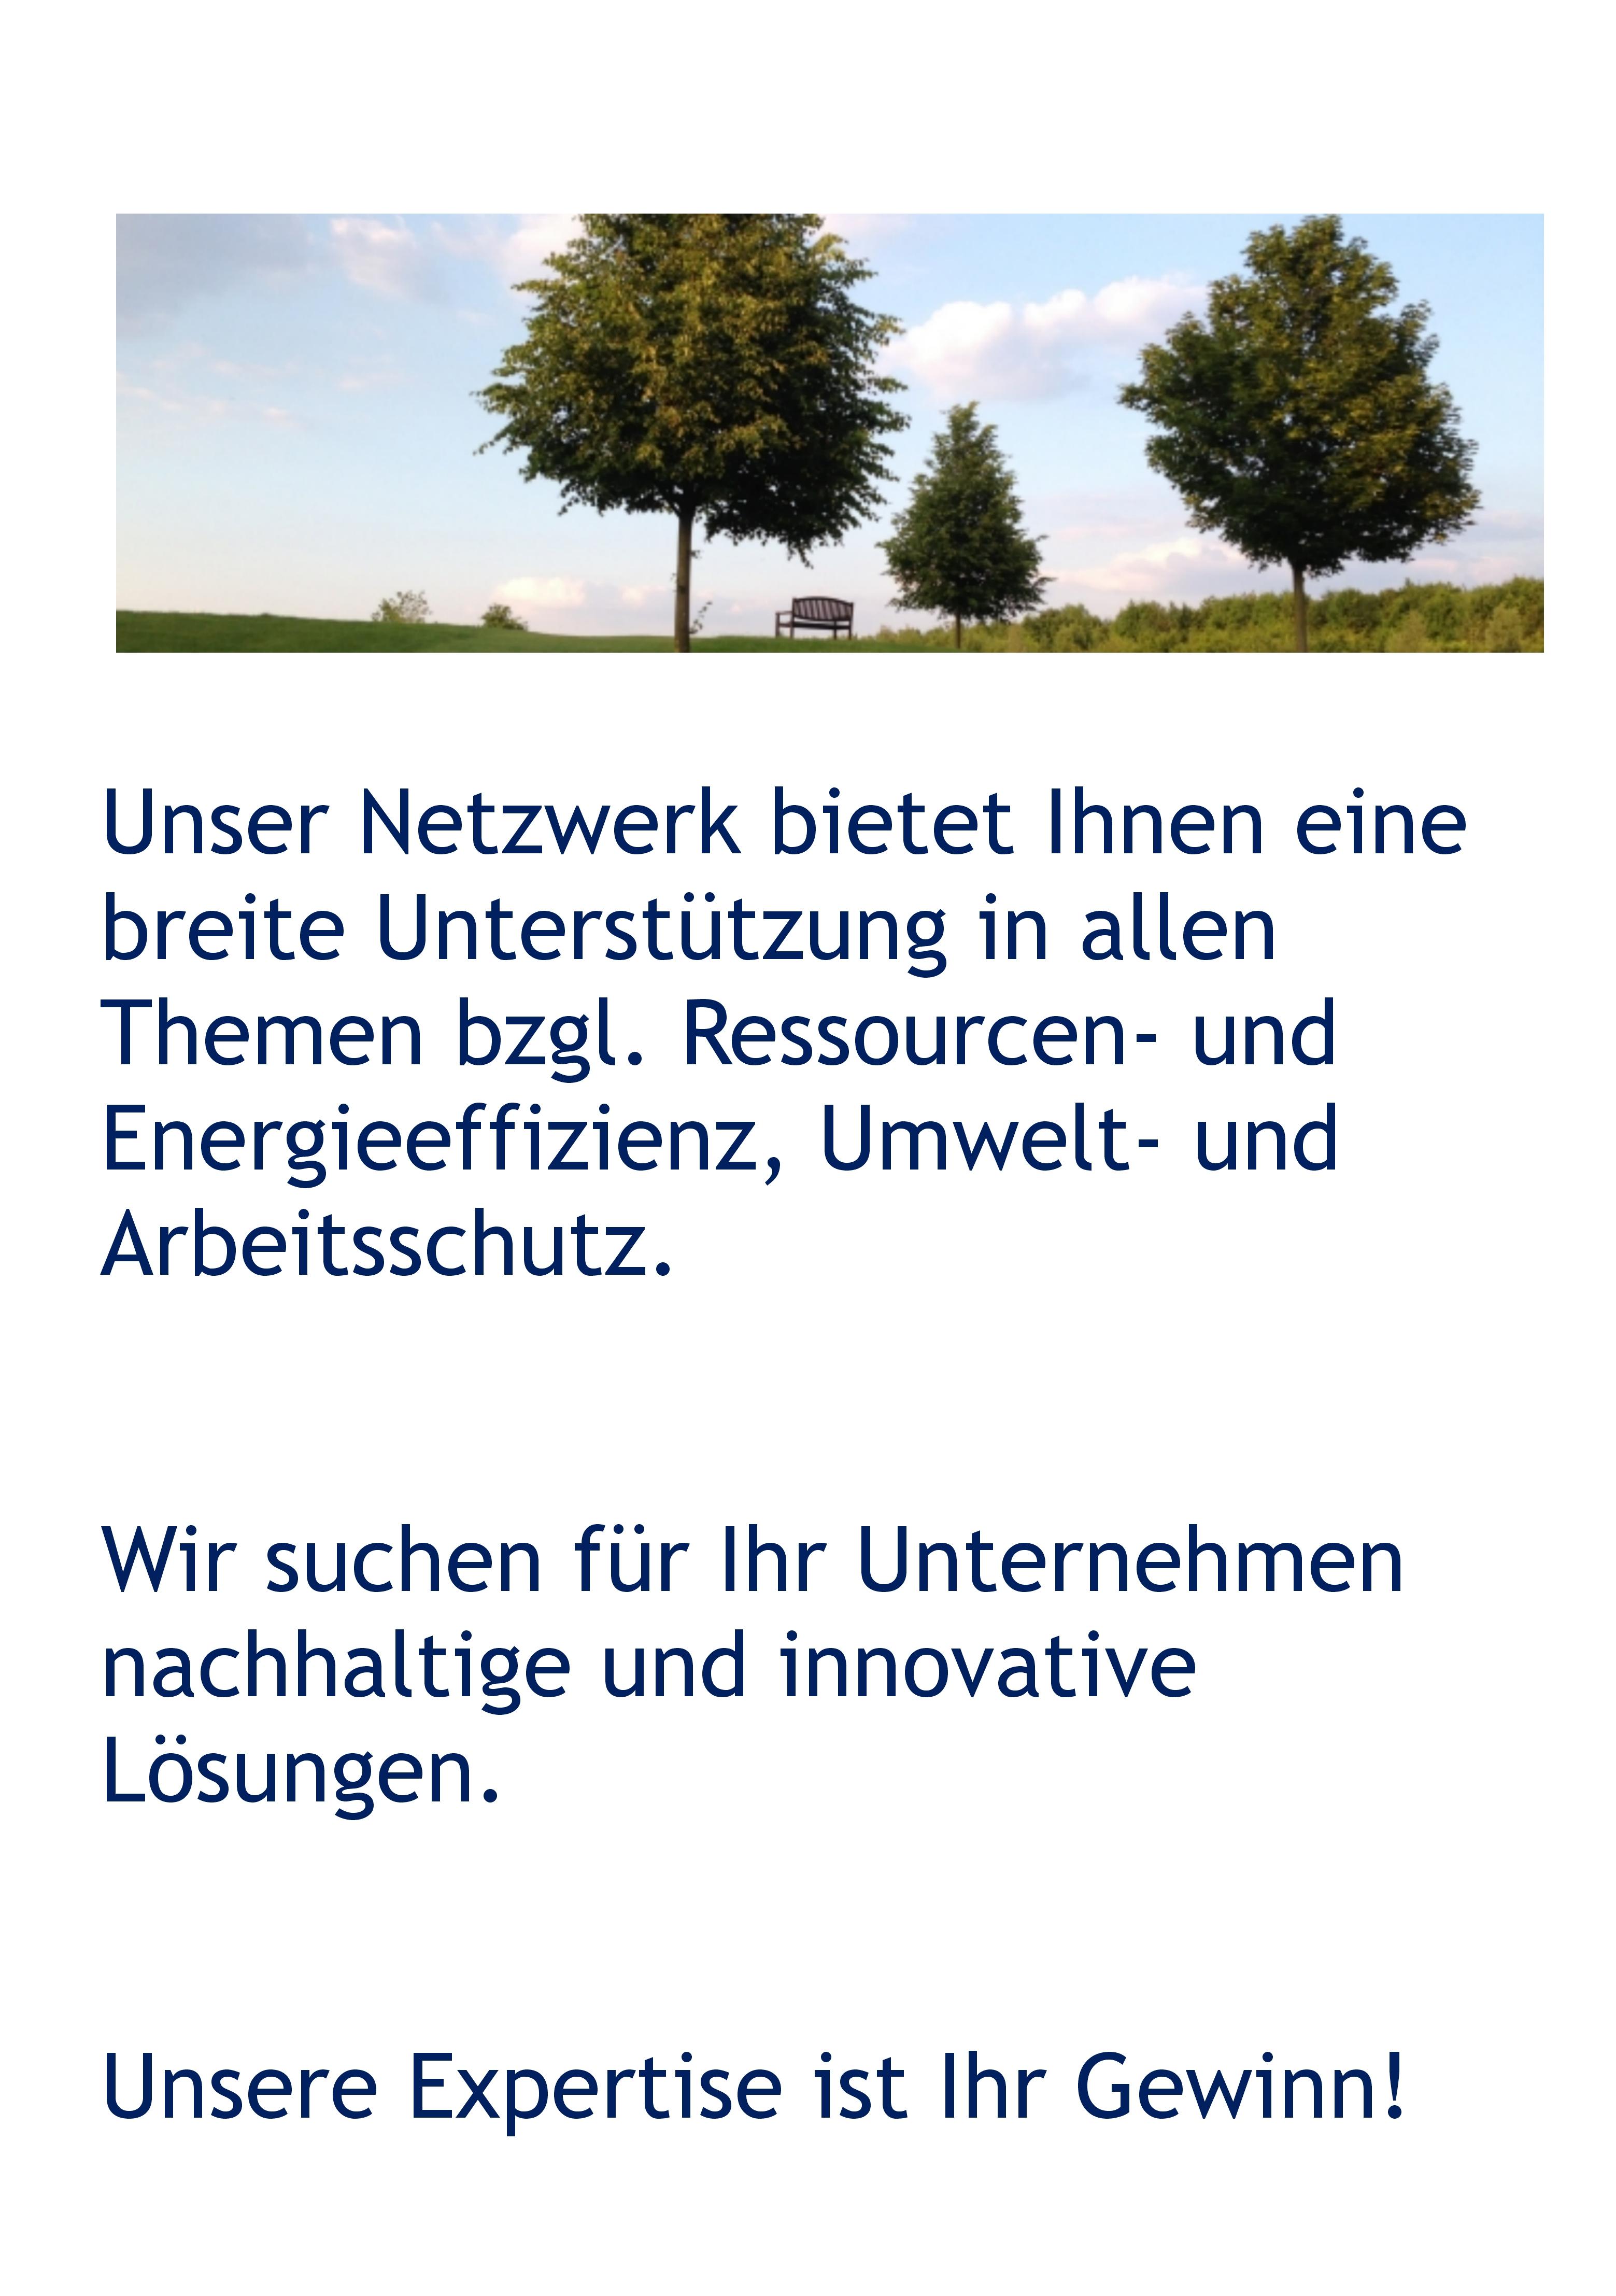 https://www.enviro-net.de/wp-content/uploads/2015/11/Widget_Start_neu-1.jpg